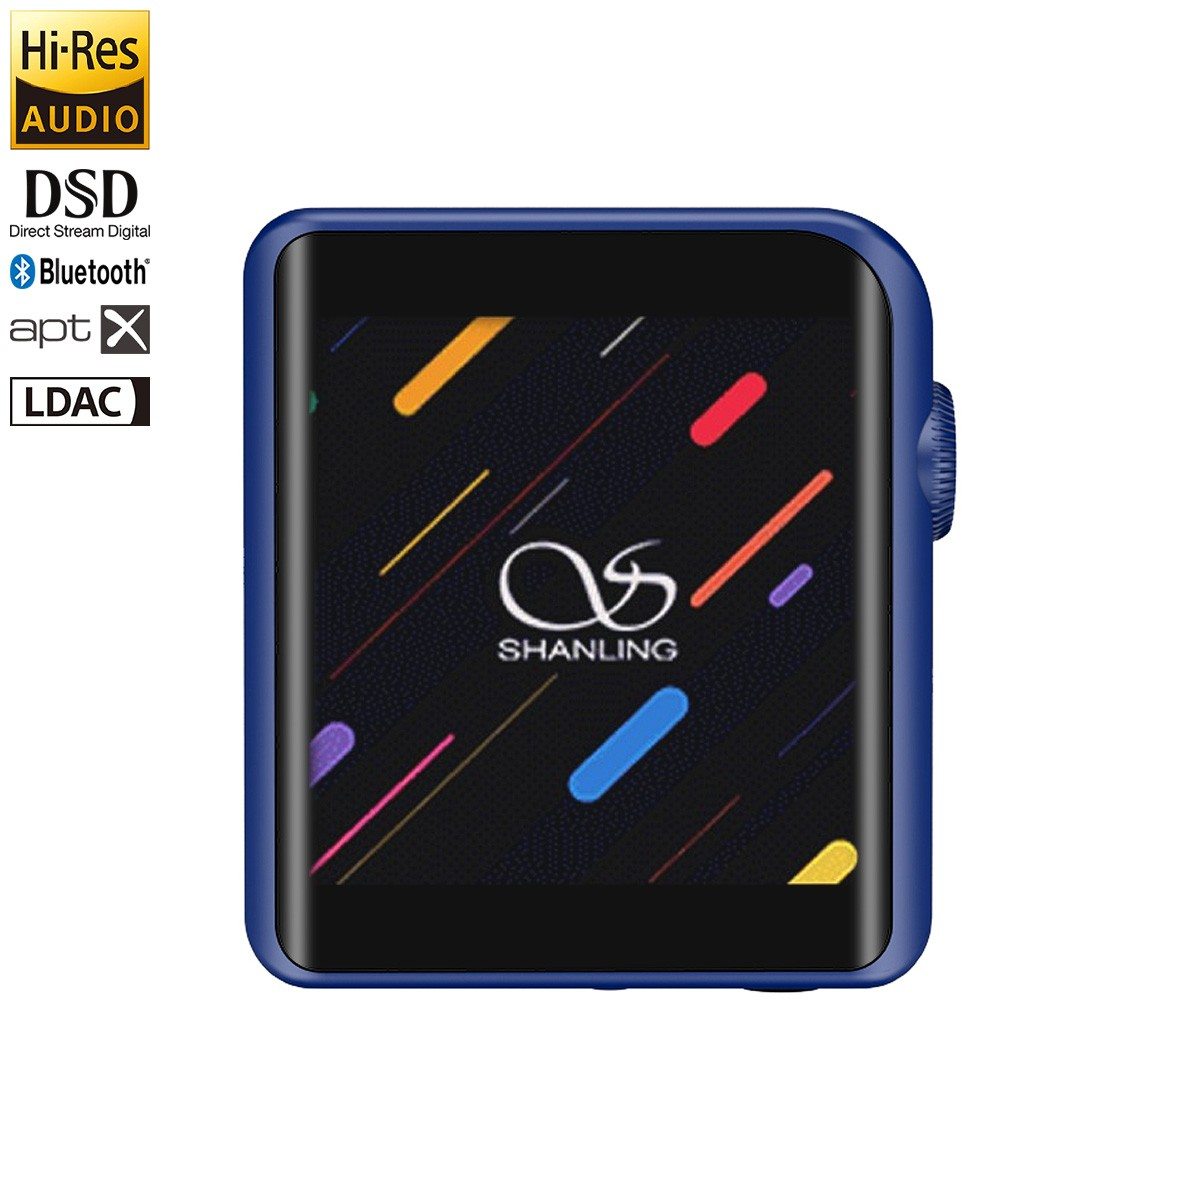 SHANLING M0 HiFi DAP Compact Music Player DAC ES9218P 32bit 384kHz DSD Blue